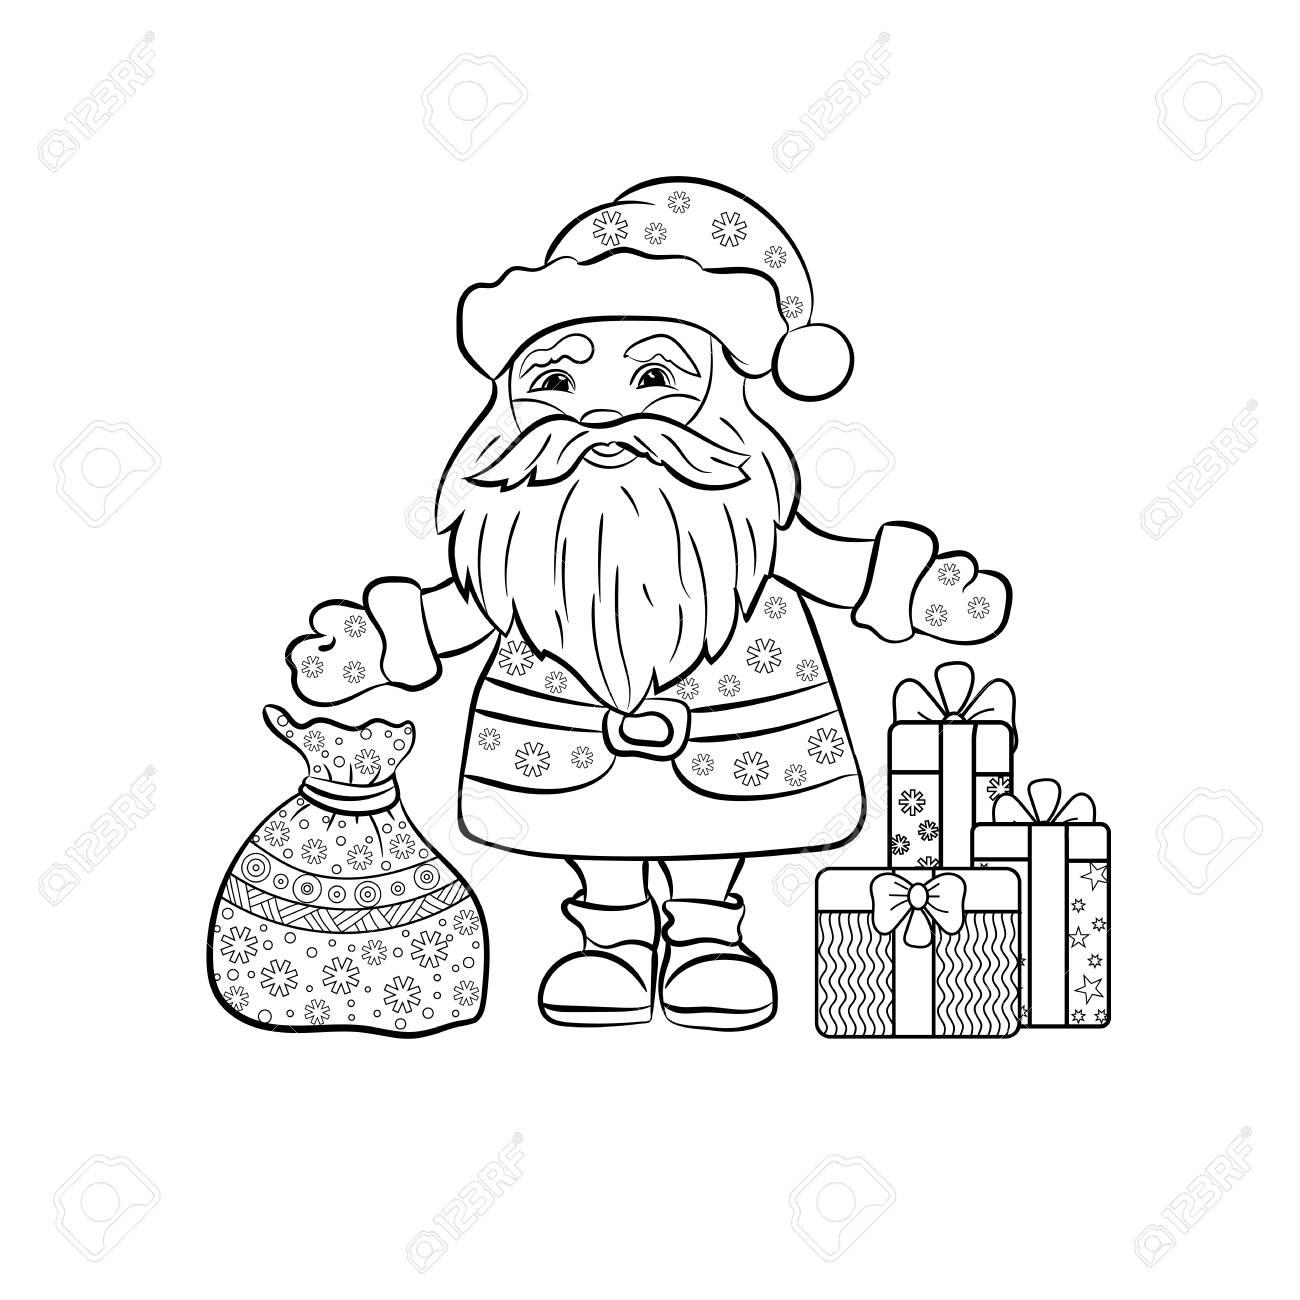 Père Noël Avec Des Cadeaux De Noël Illustration Vectorielle Dessinés à La Main Pour Cahier De Coloriage